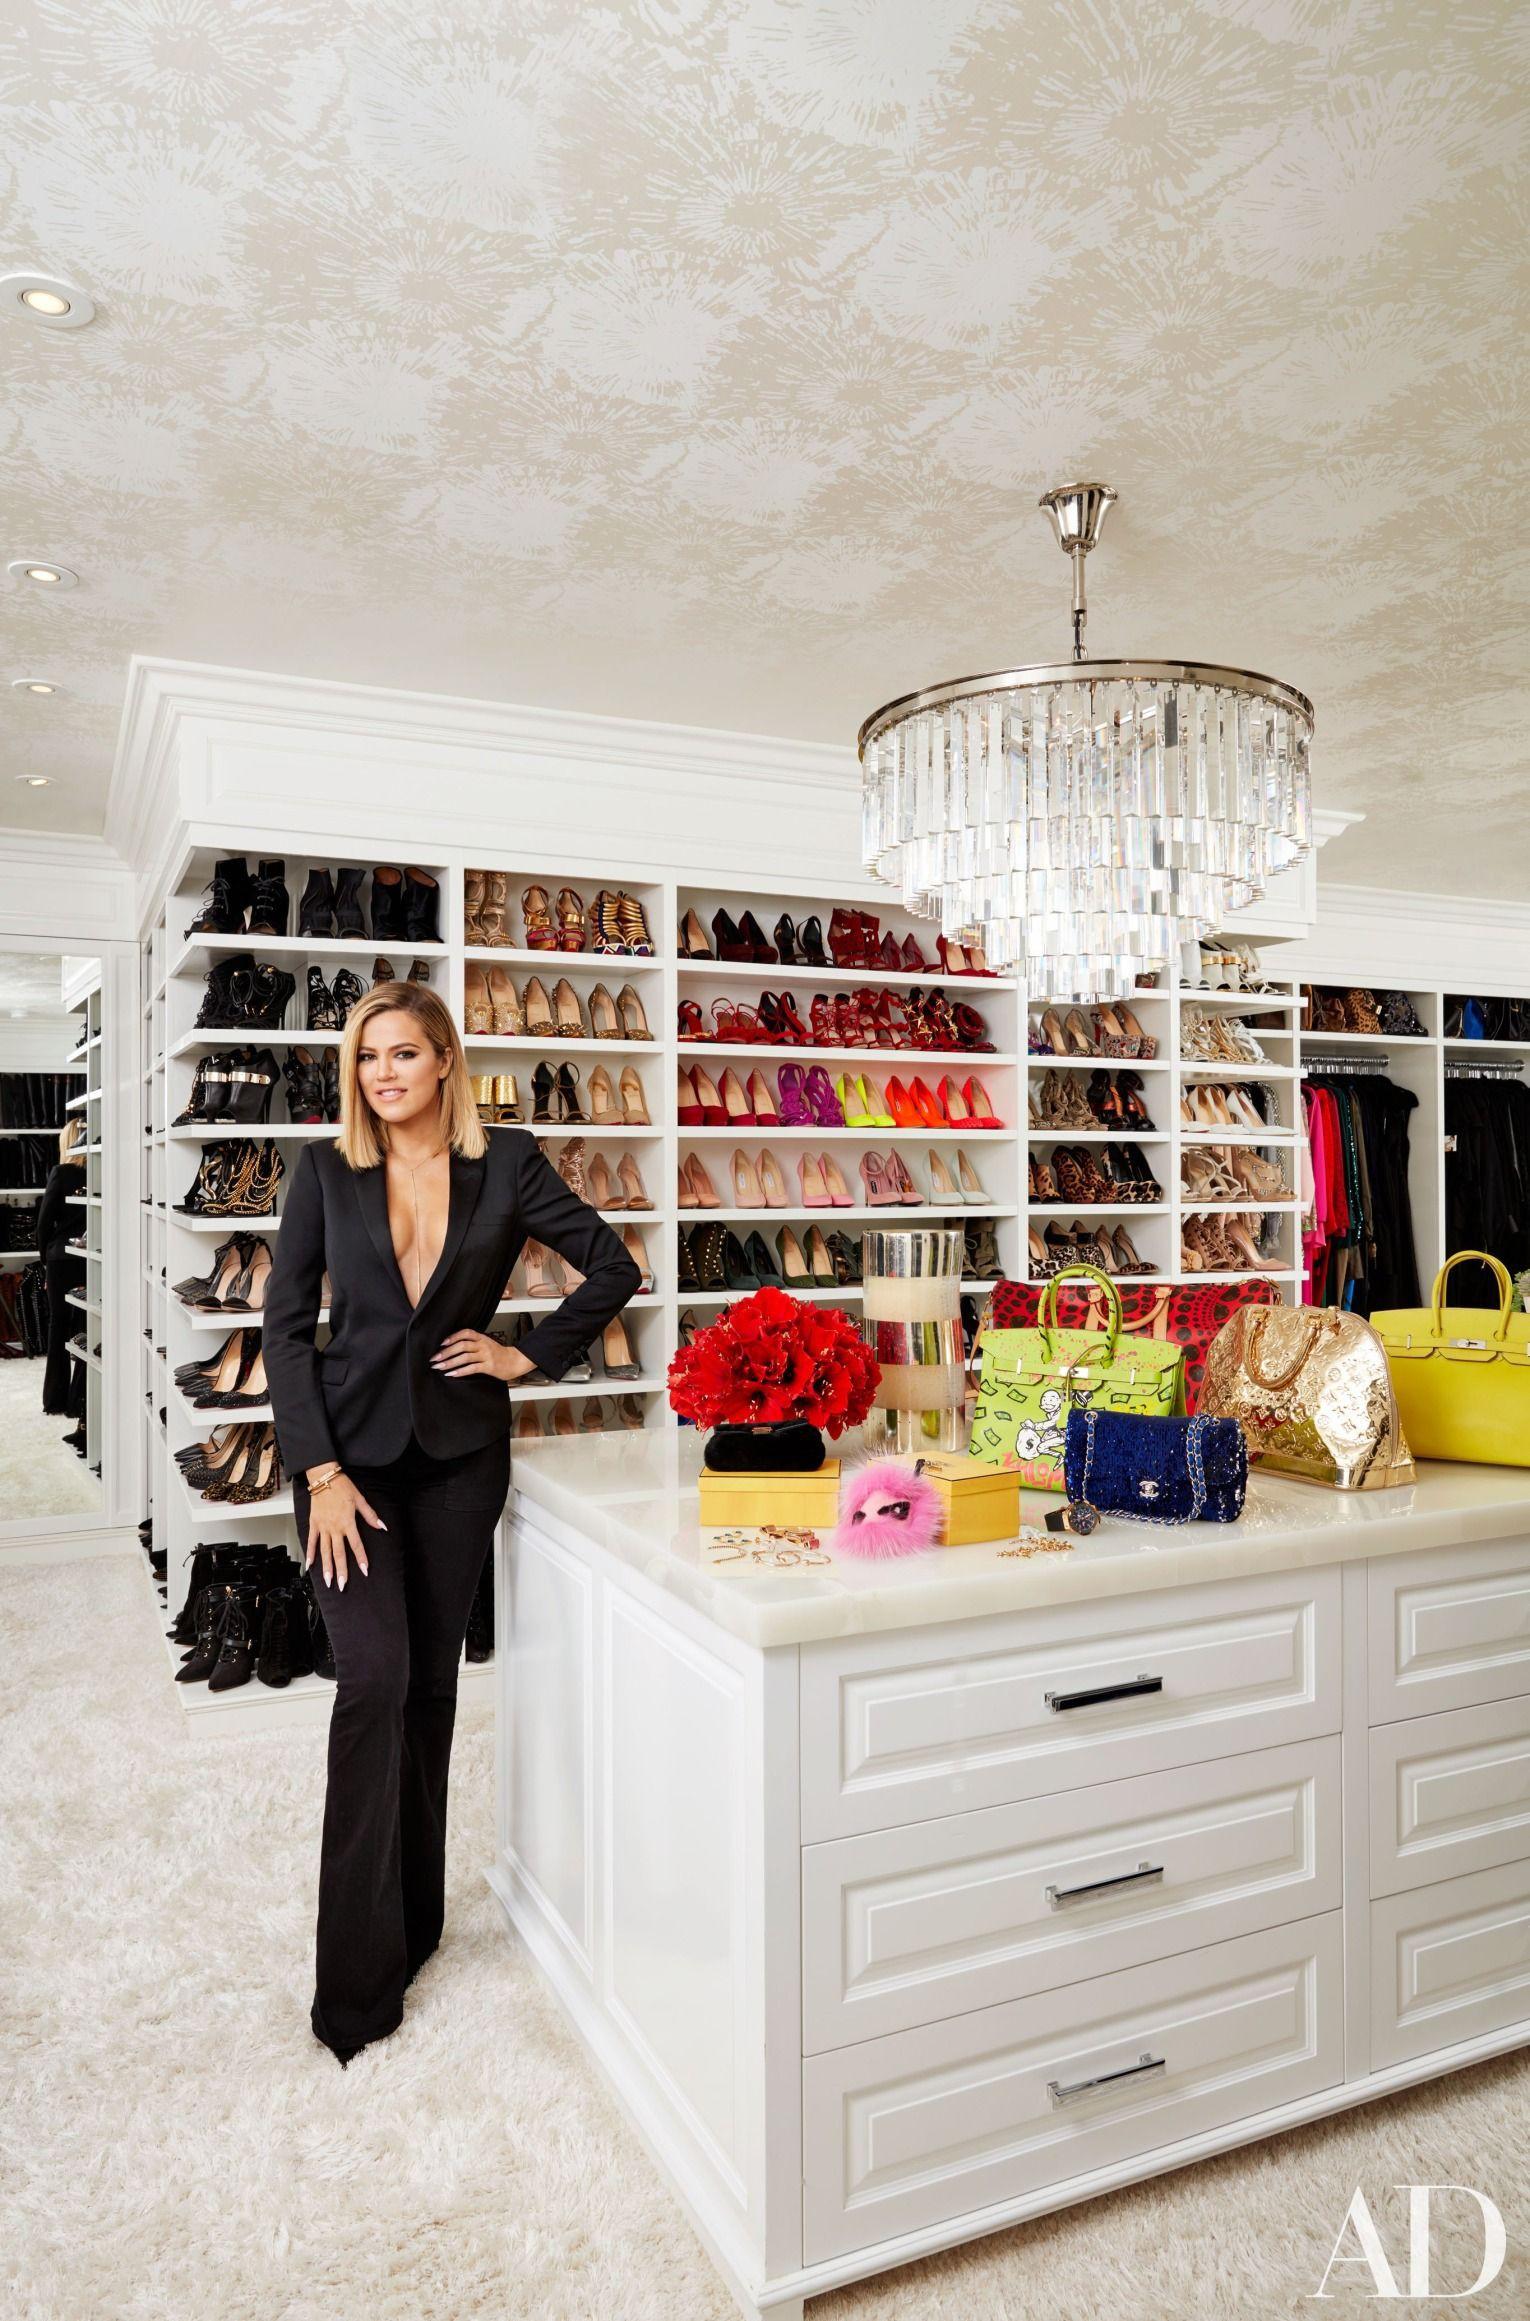 Chị em Hollywood khoe tủ đồ sang chảnh ngút ngàn, riêng của Britney thì đến fan còn bĩu môi chê là thua... chợ Bà Chiểu - Ảnh 7.